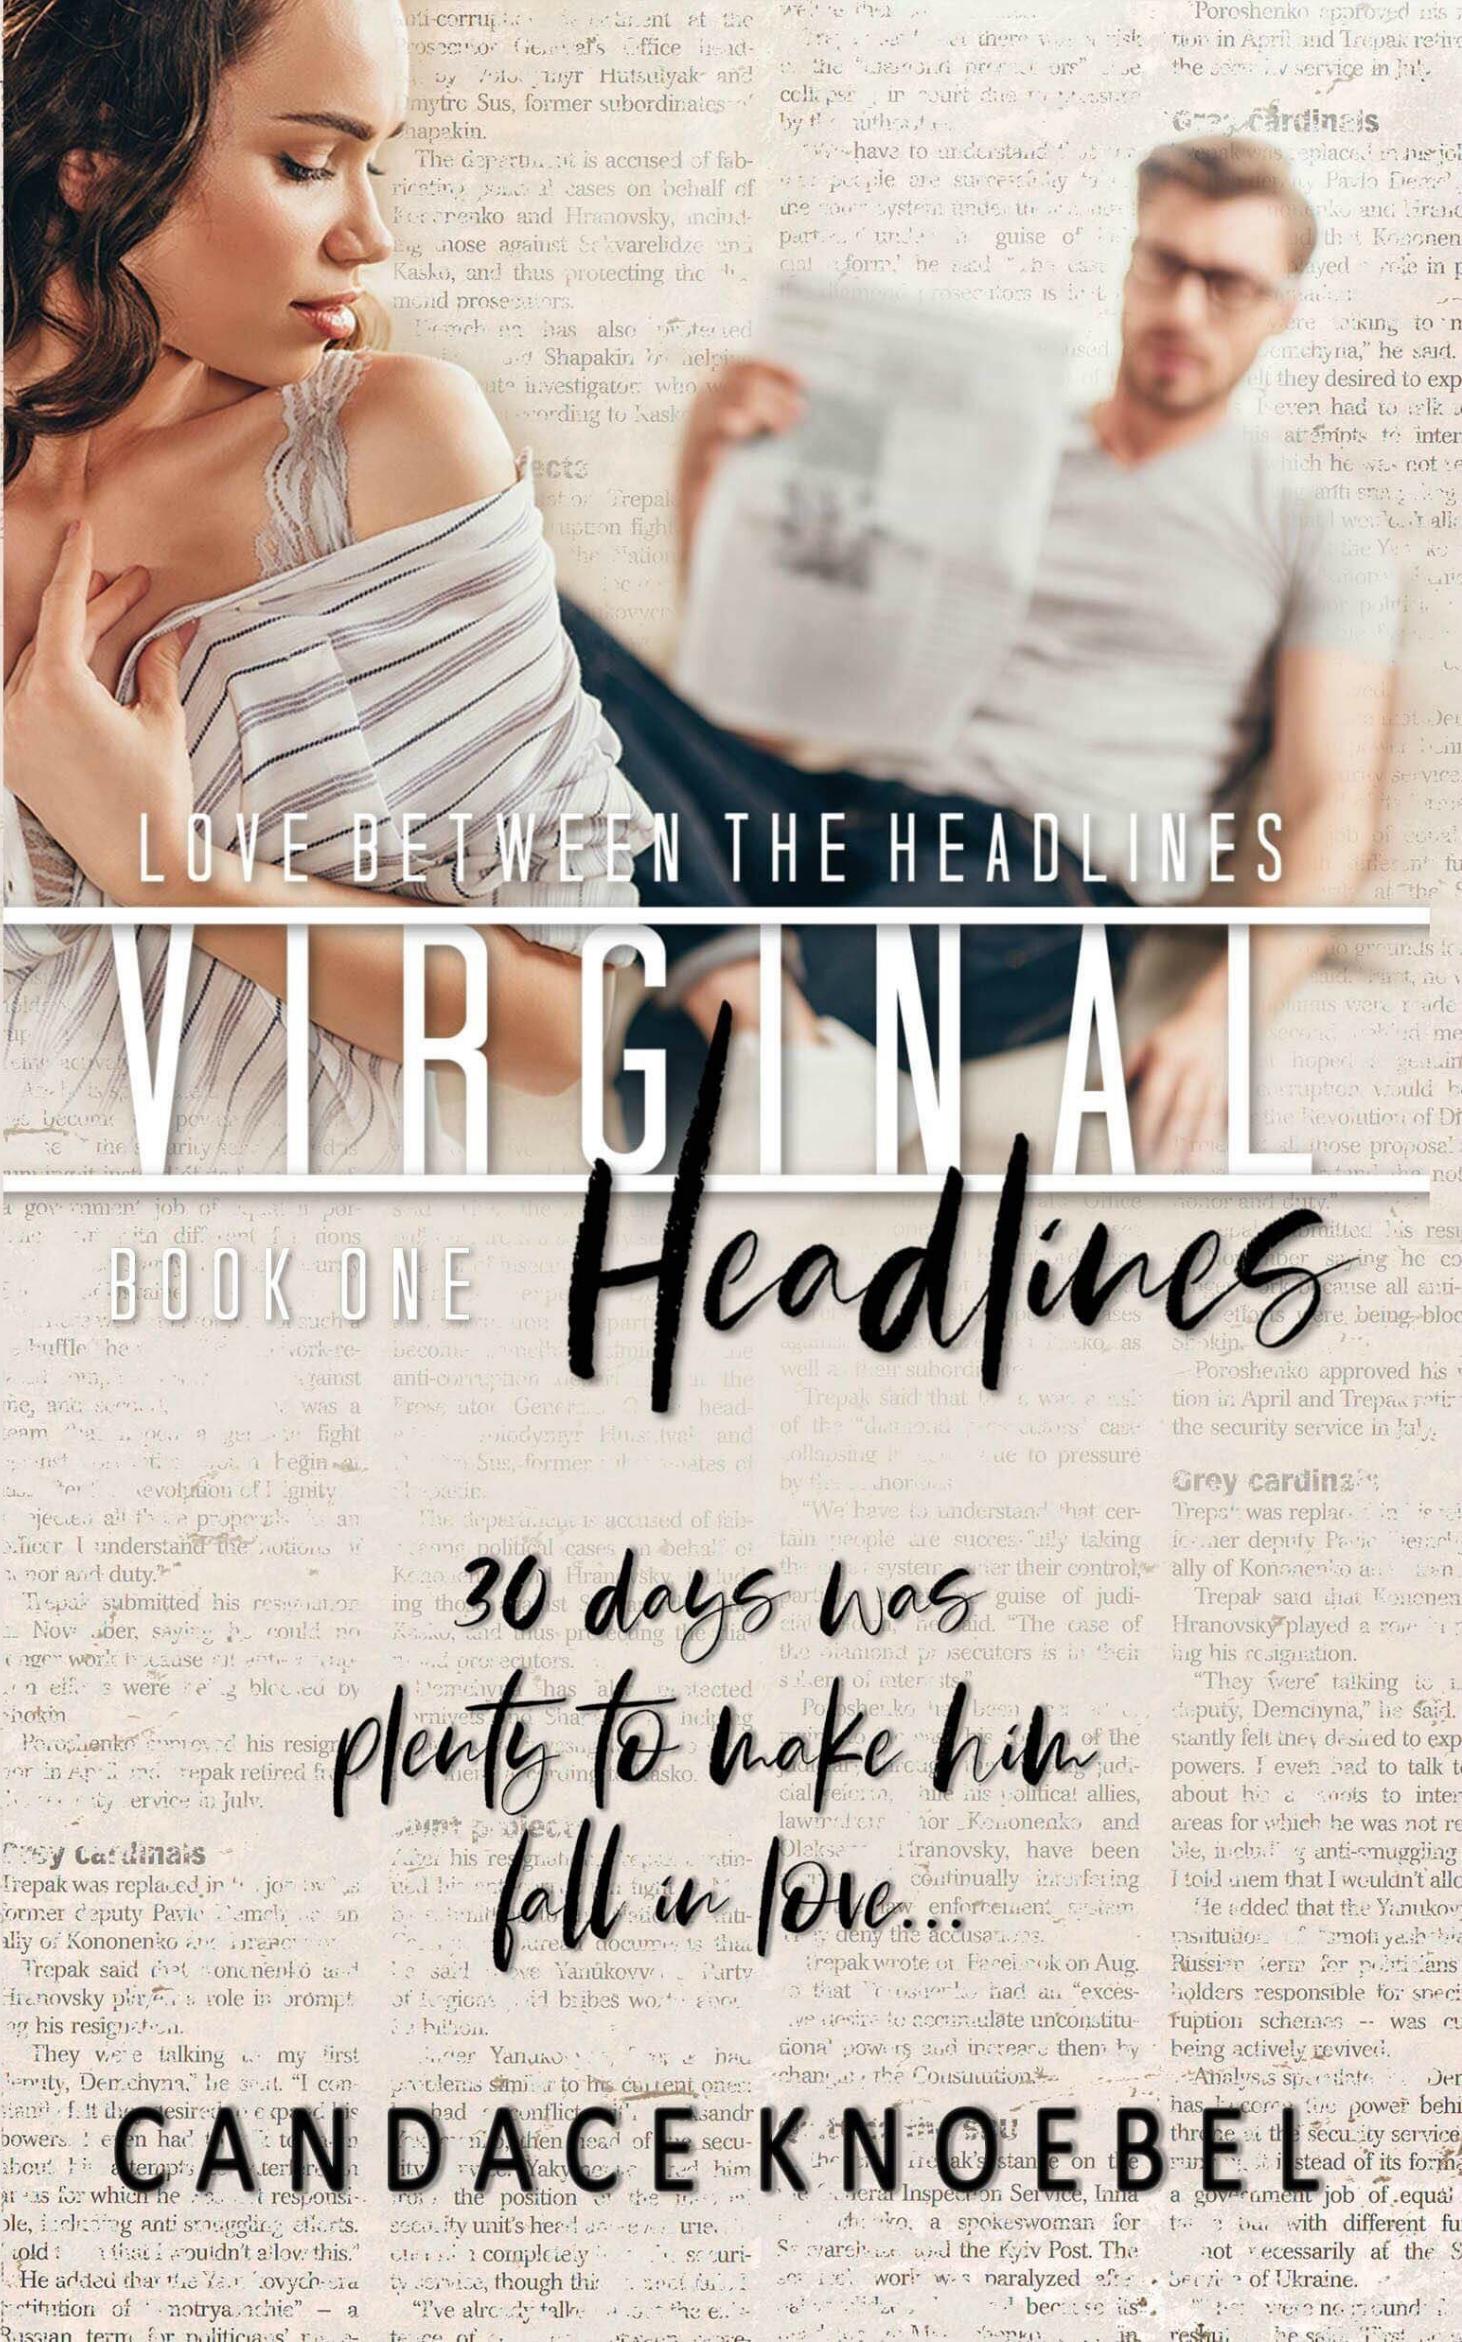 Virginal Headlines Cover.jpg